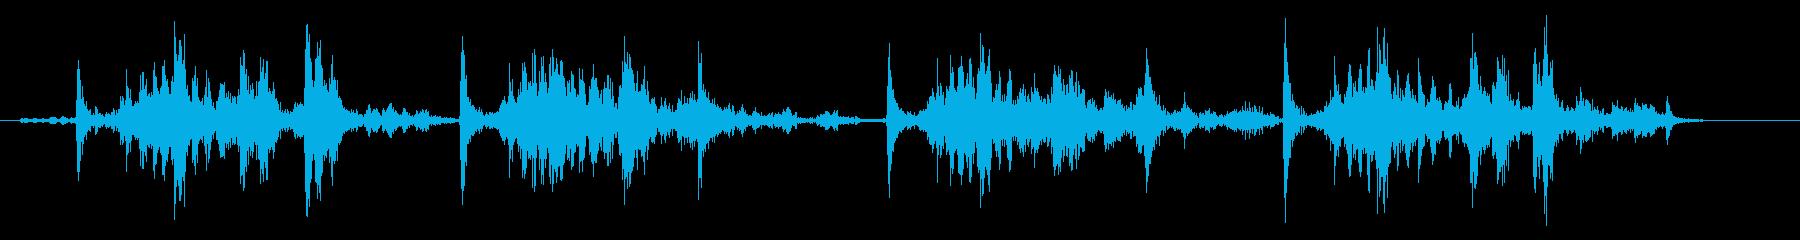 船外機のプルコードを4回引くの再生済みの波形